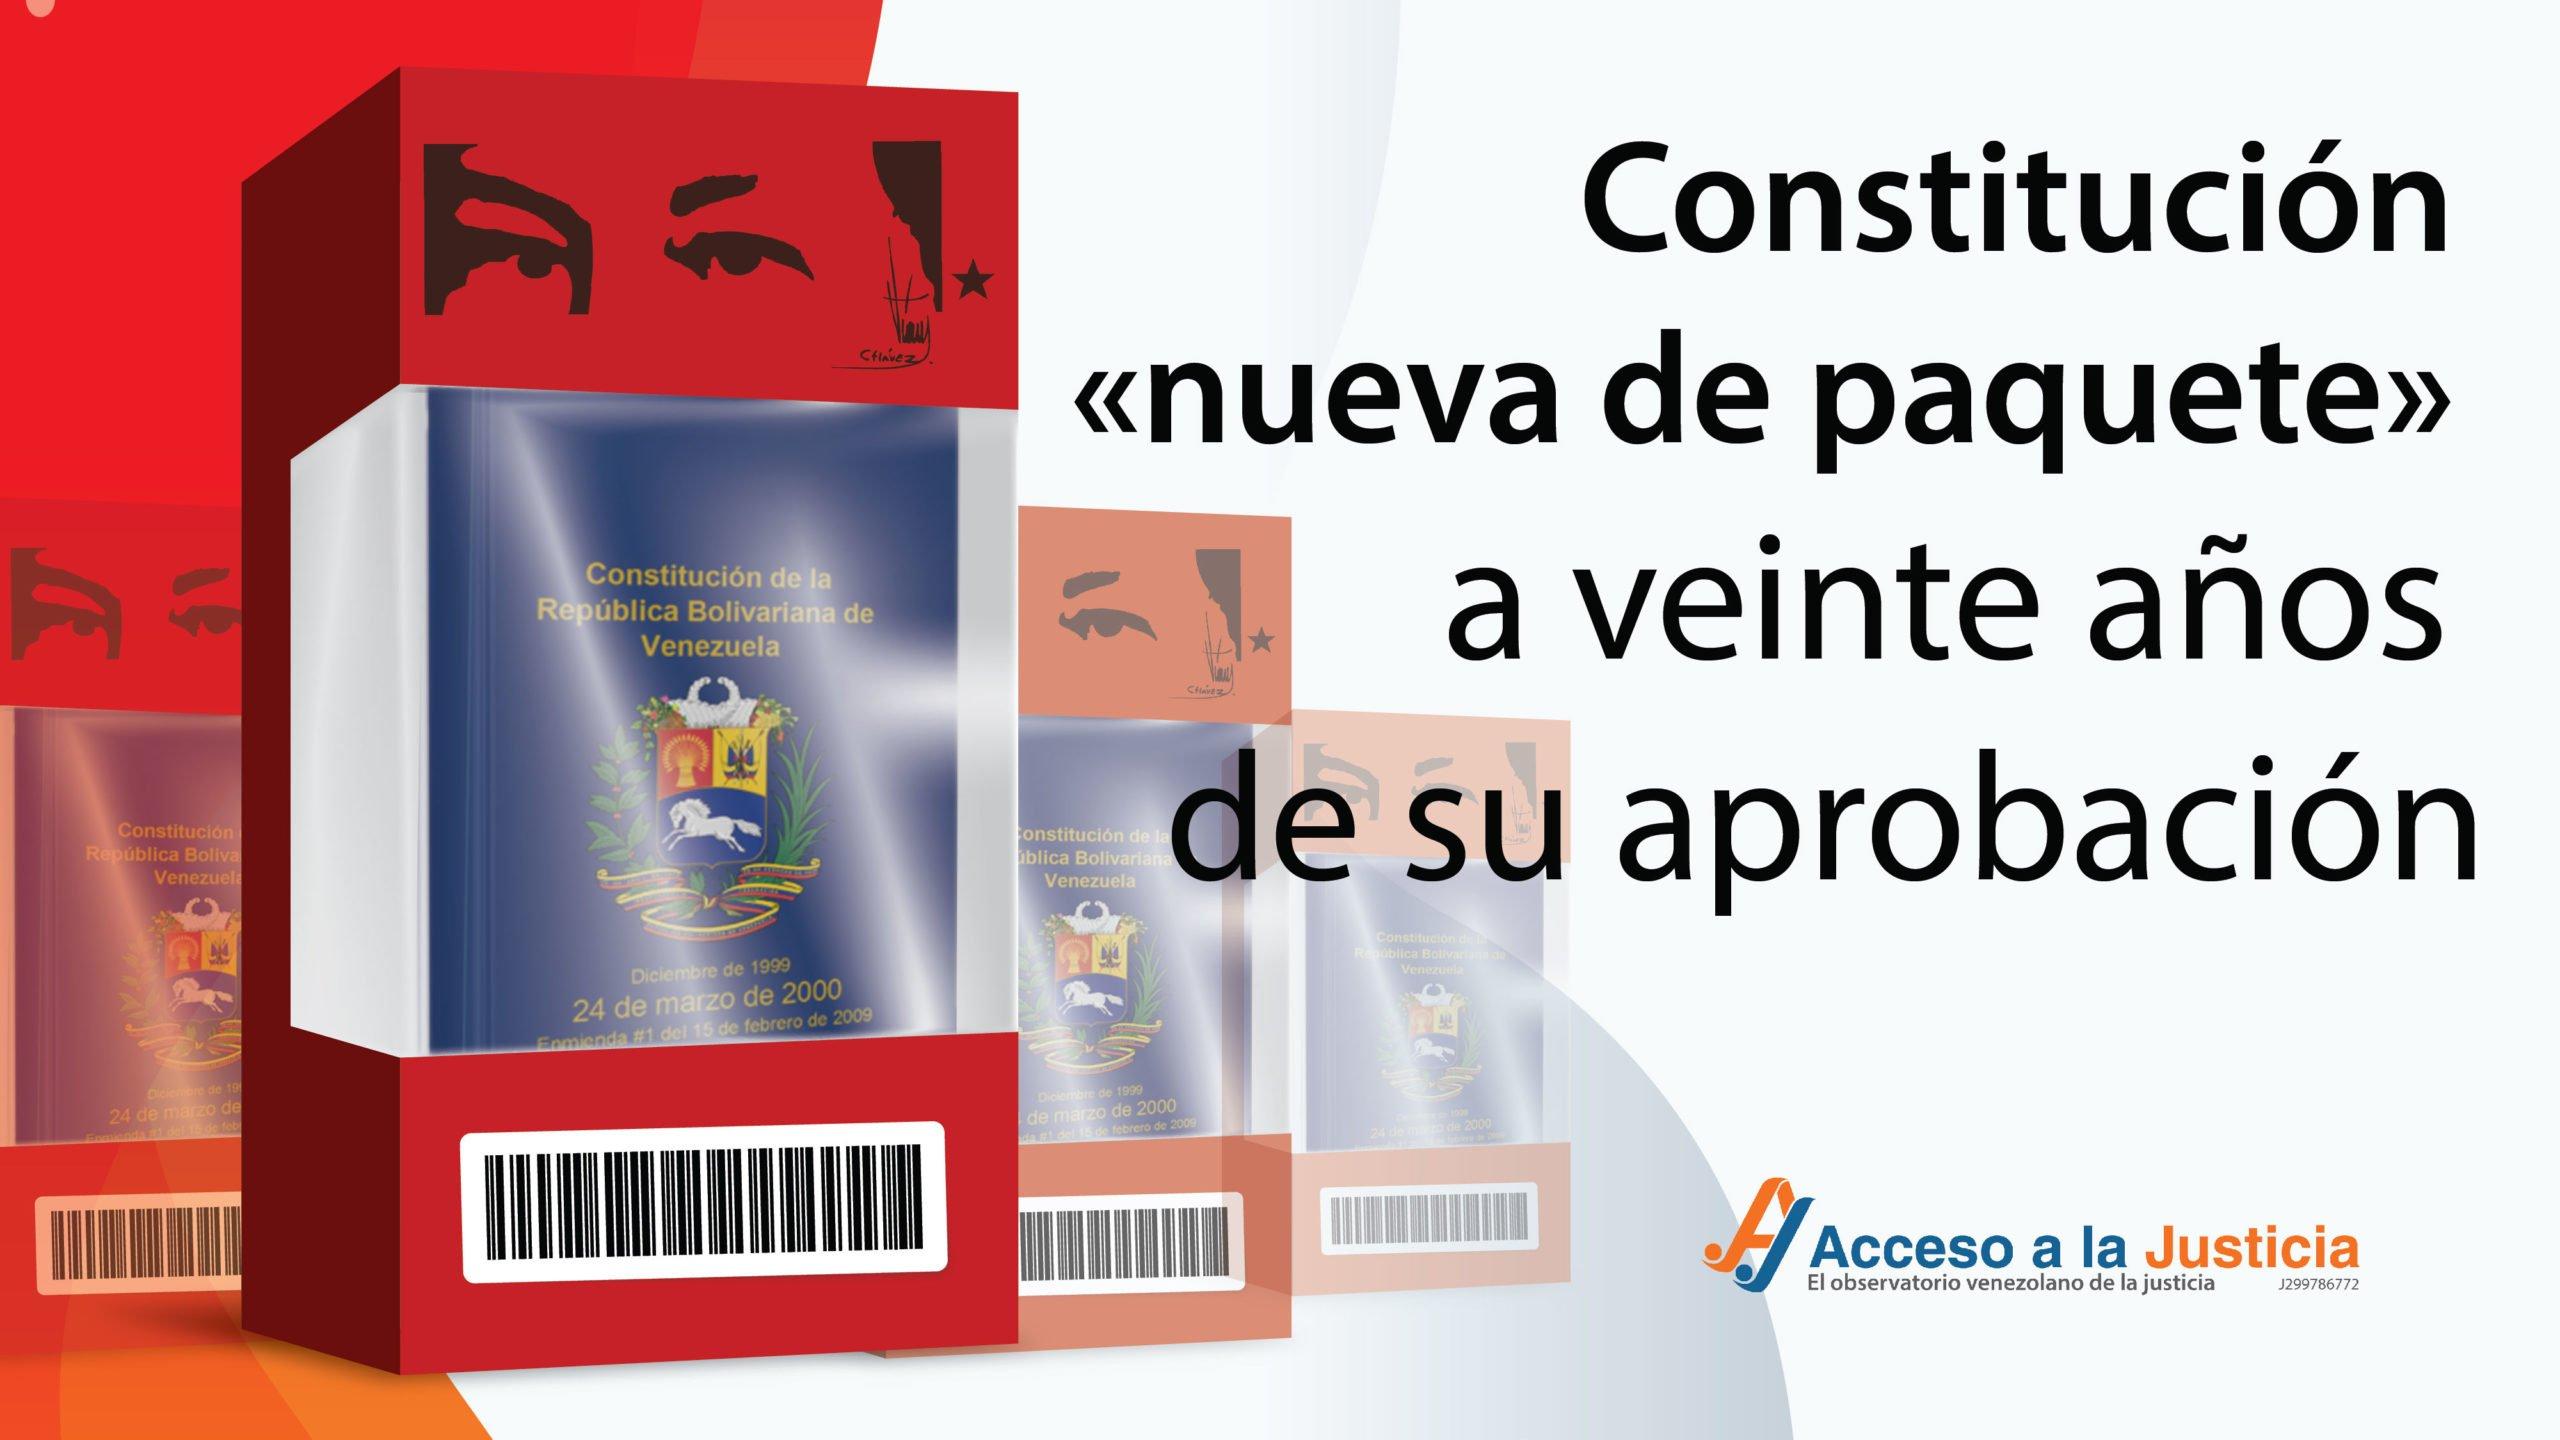 Constitución «nueva de paquete» a veinte años de su aprobación